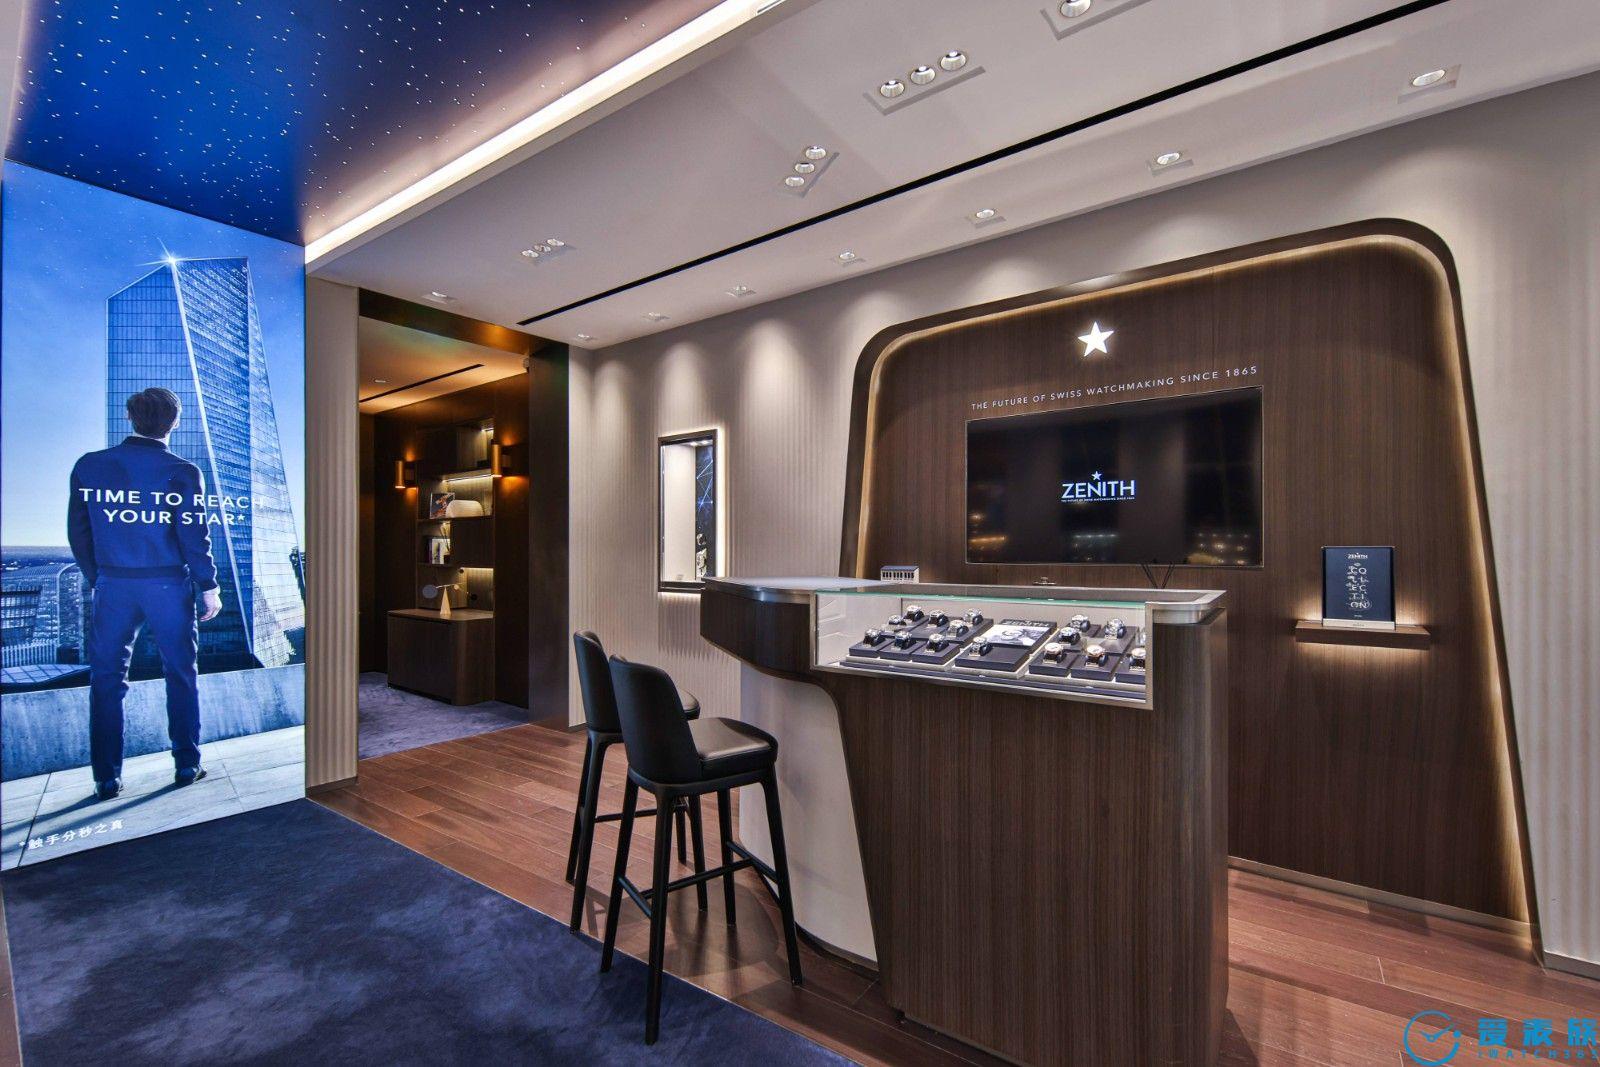 ZENITH真力時全新上海旗艦店和巴黎樂蓬馬歇精品店重裝開業